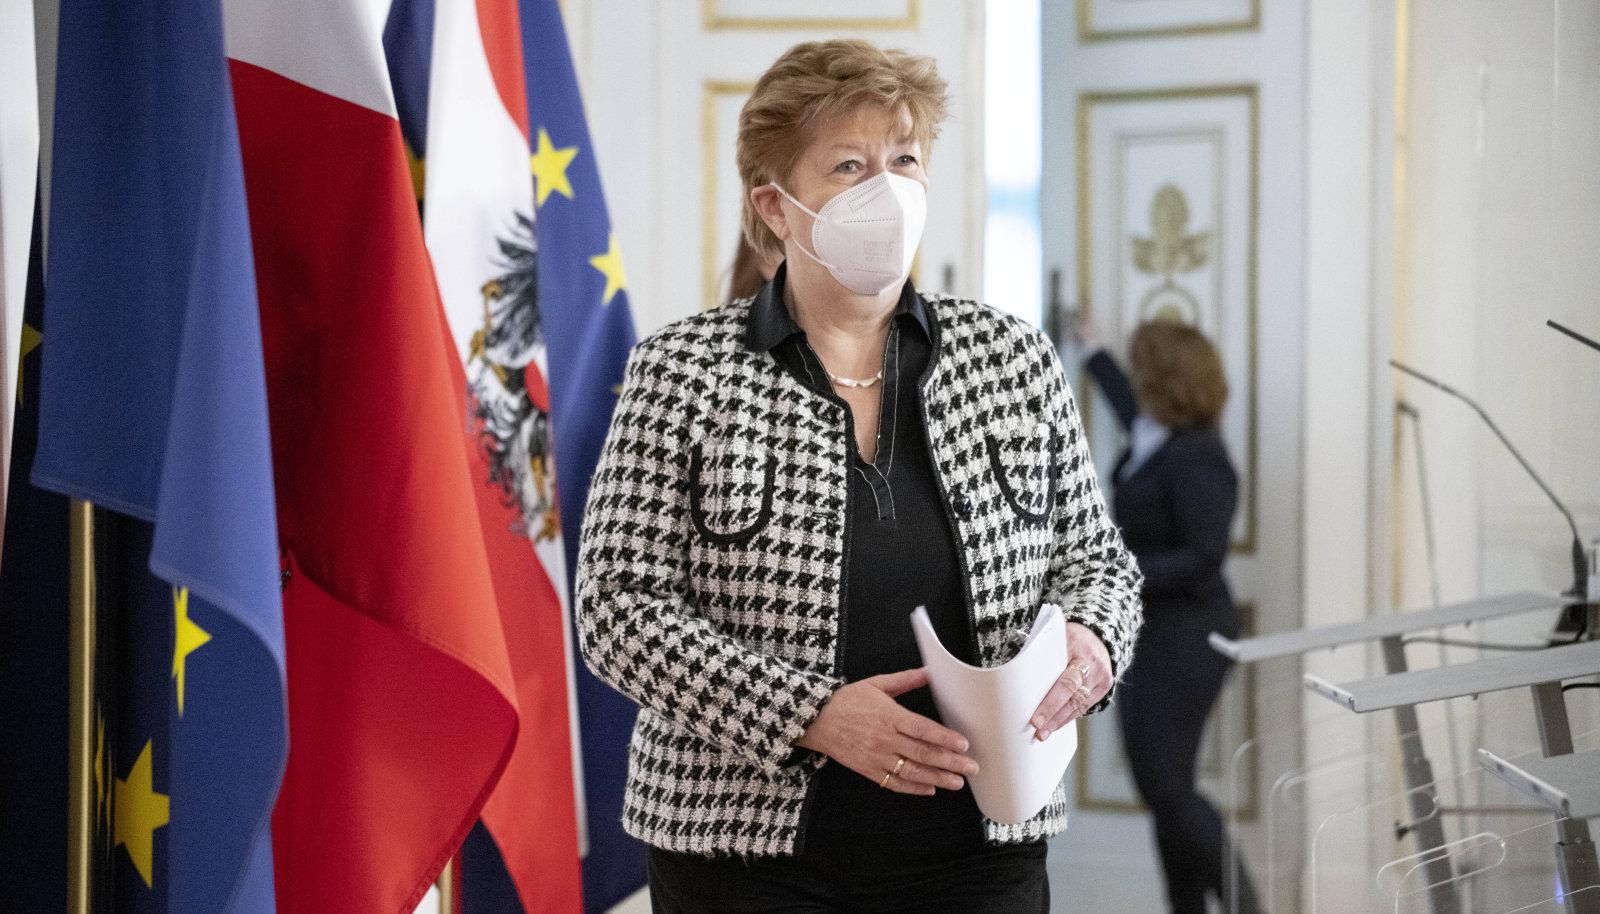 Christa Wirthumer-Hoche